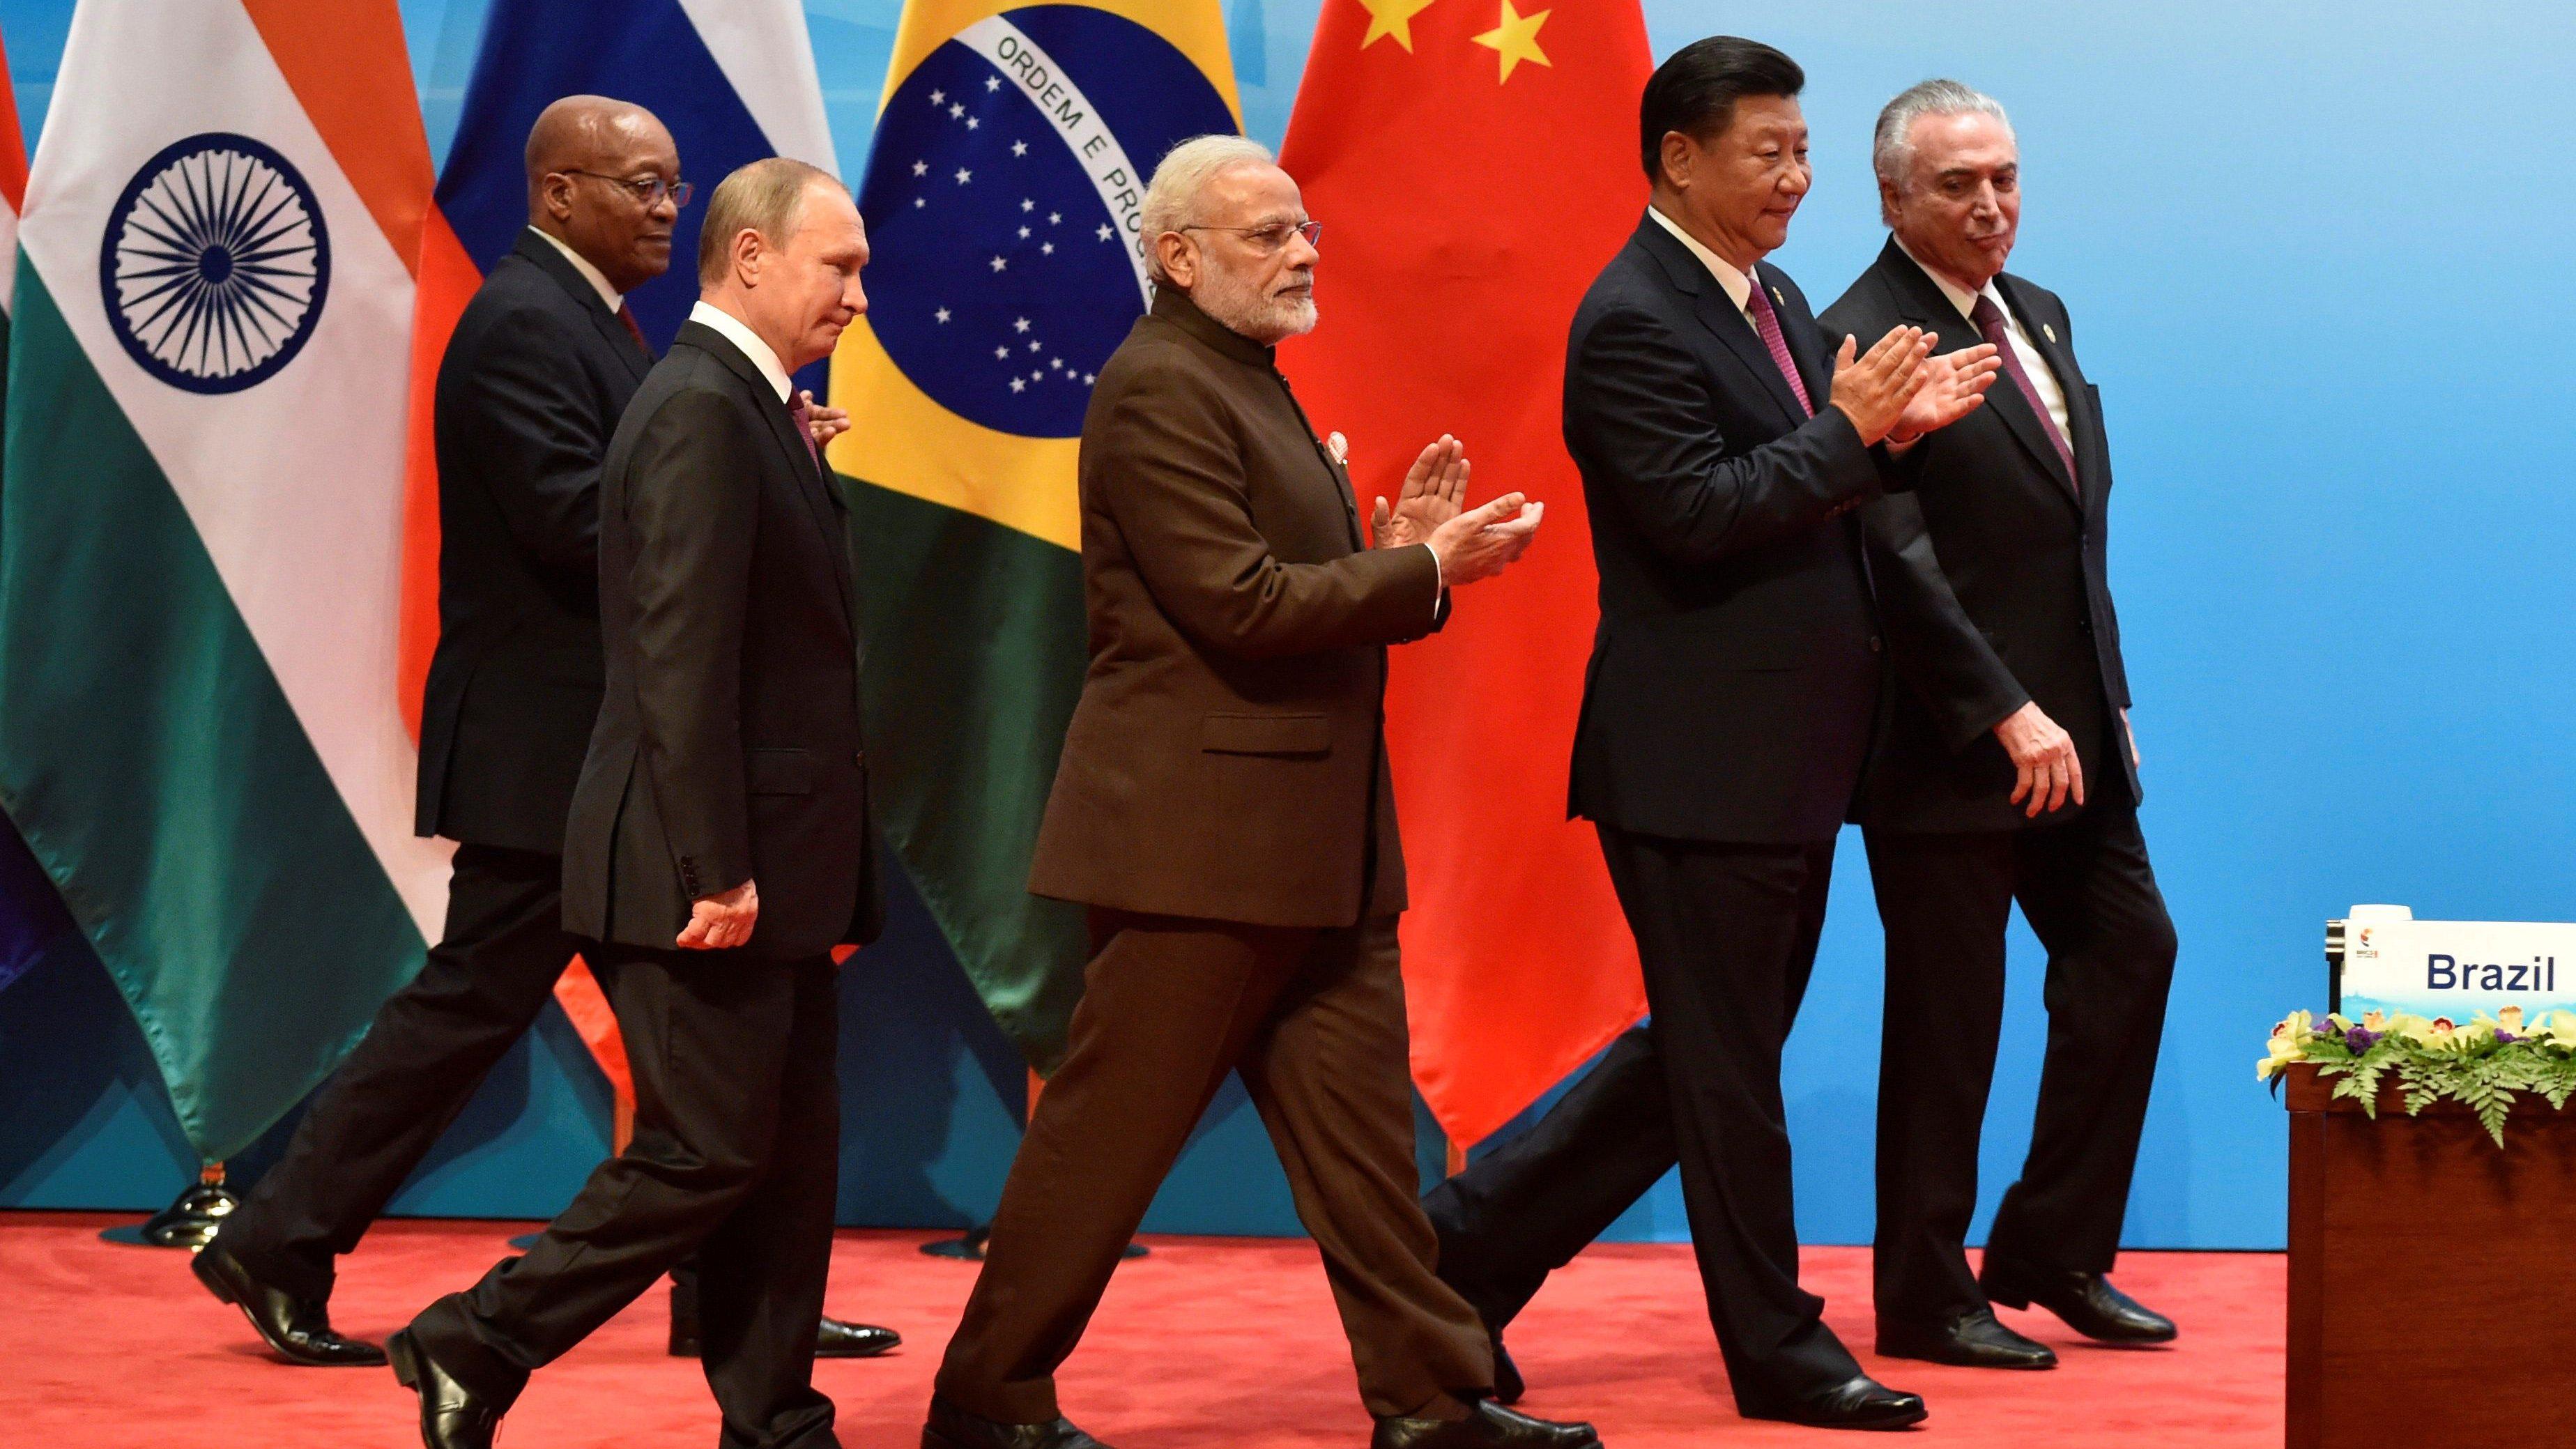 BRICS leaders attend the BRICS summit in Xiamen, China